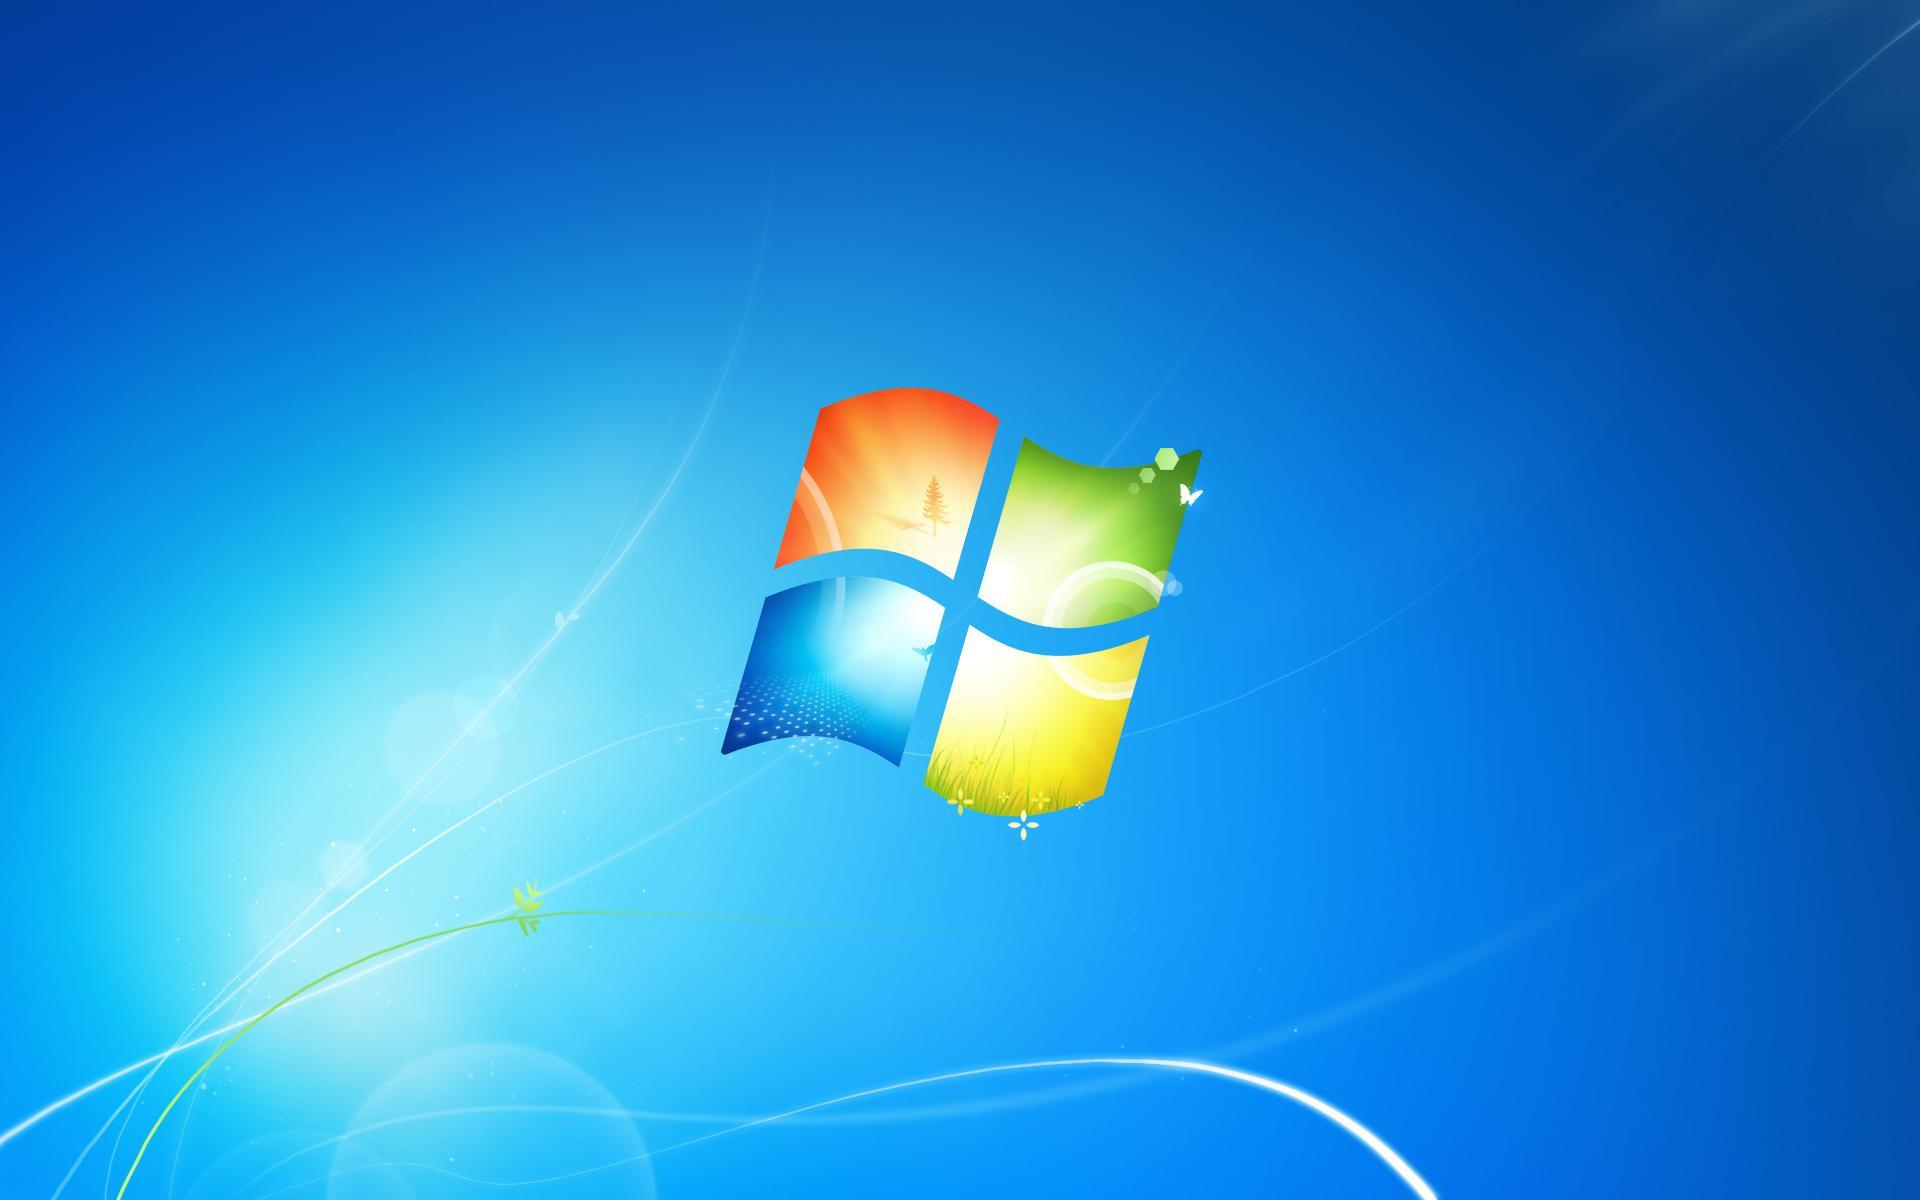 并且以渐进的玻璃嵌入方式融入了windows logo.图片